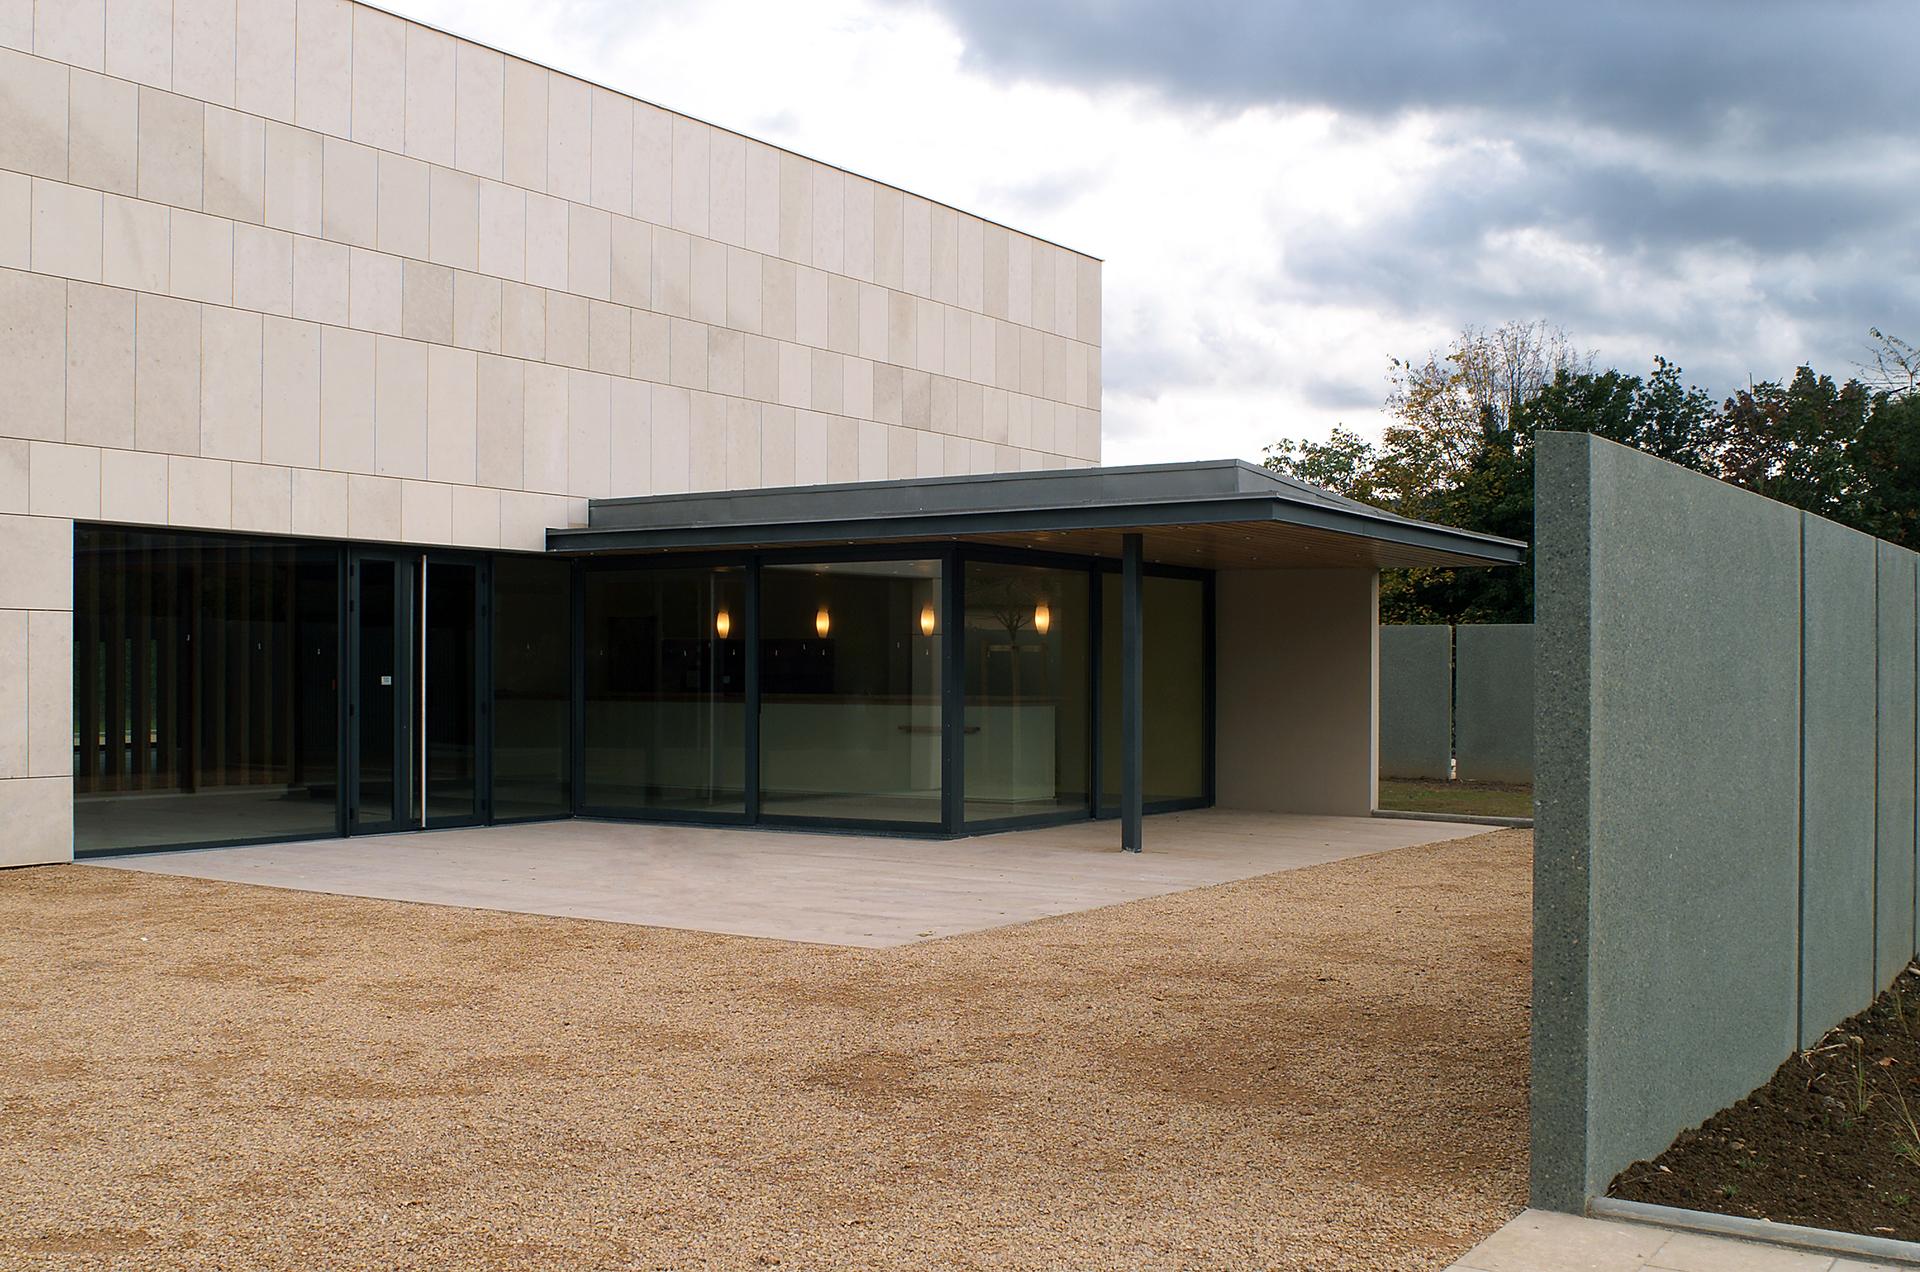 Salle des fêtes Marcilly (Atelier Régis Gachon Architecte)